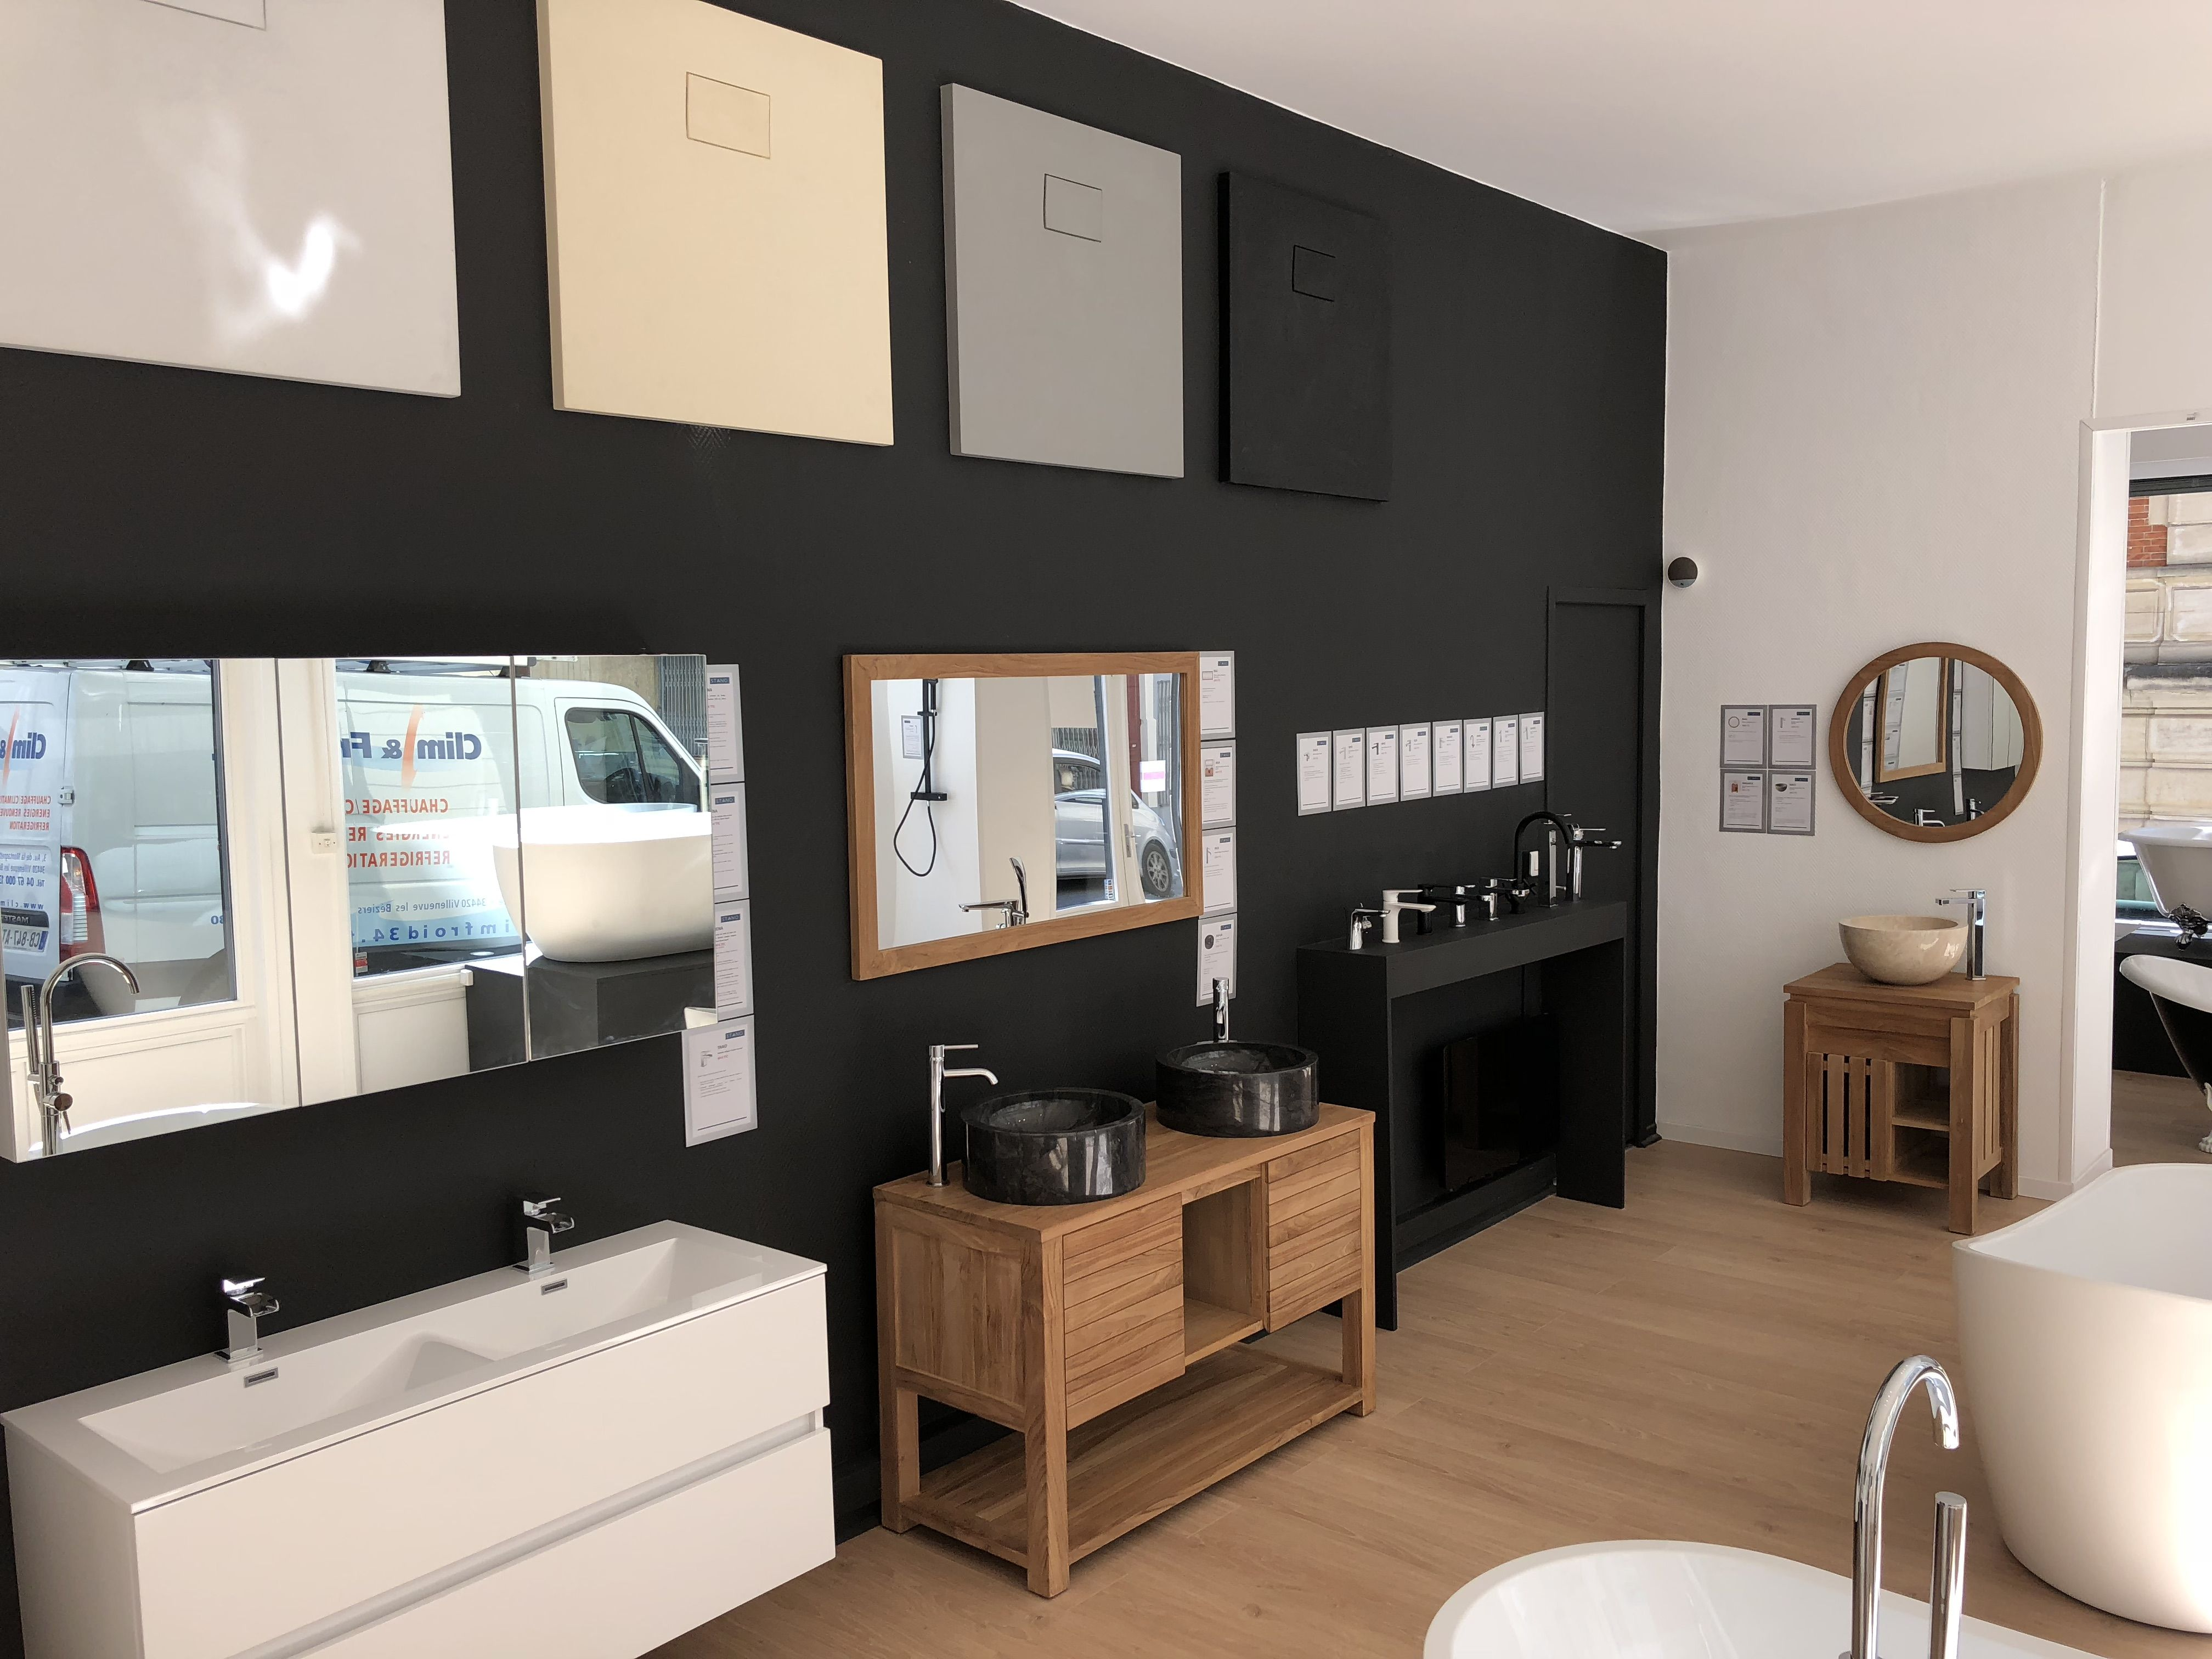 Decouvrez Notre Showroom Salle De Bain Beziers Centre Avec Images Showroom Salle De Bain